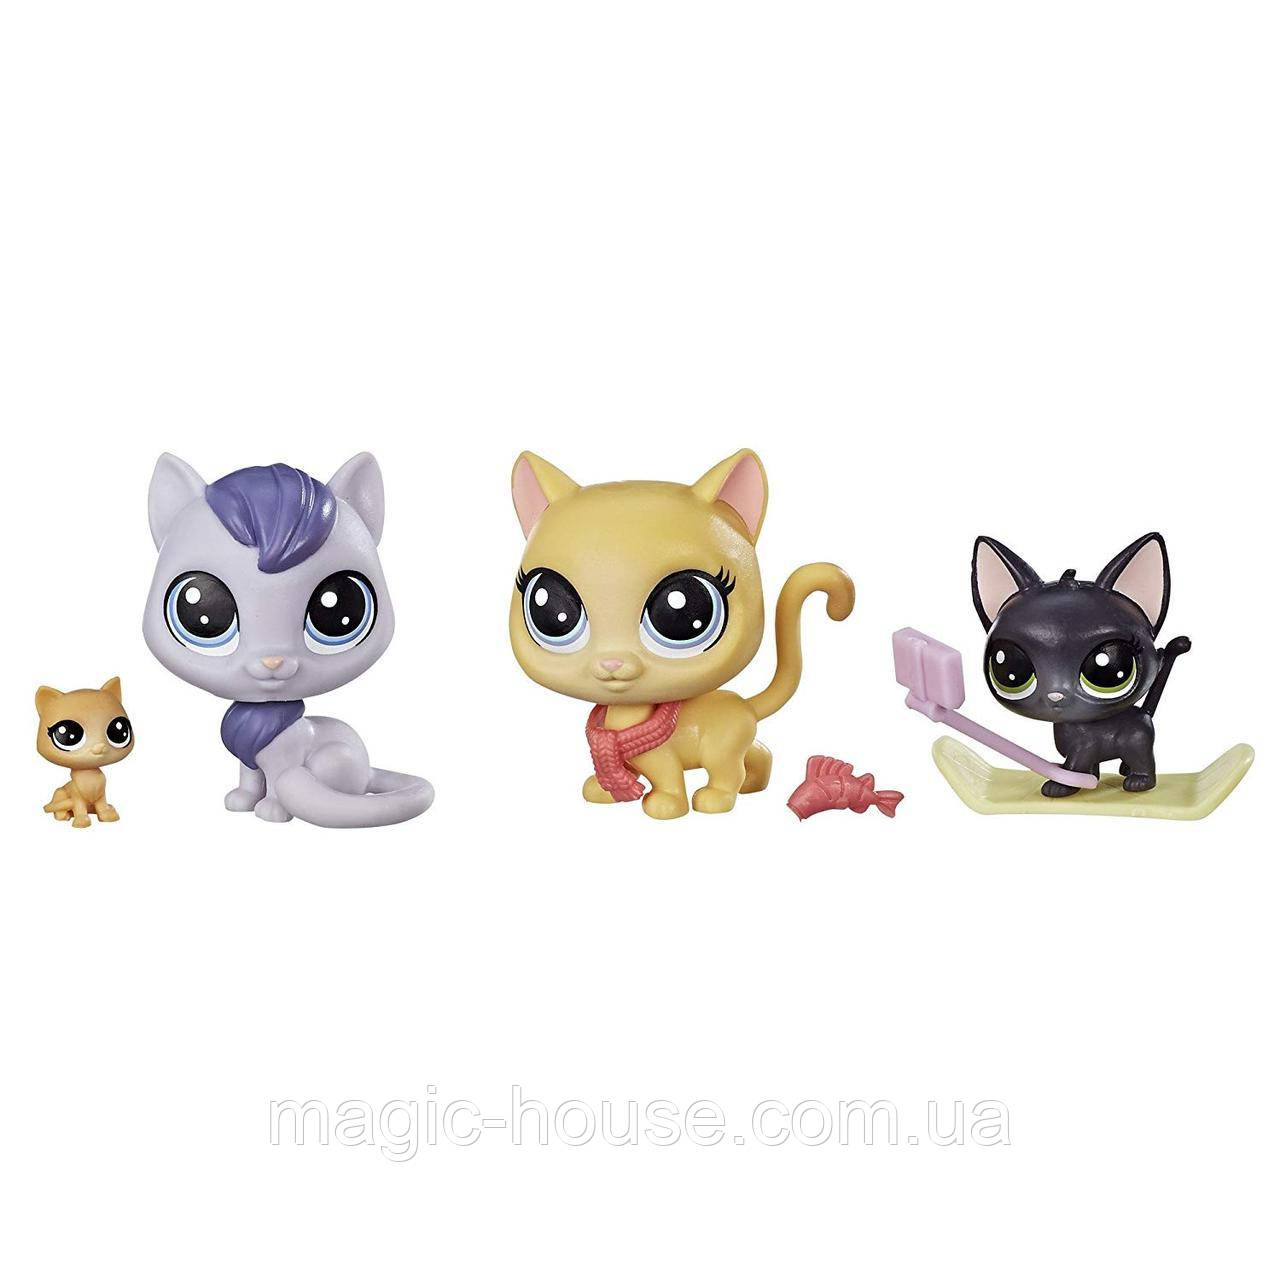 Игровой набор Littlest Pet ShopМаленький зоомагазинSnowboarding Kitty Crew Оригинал от Hasbro